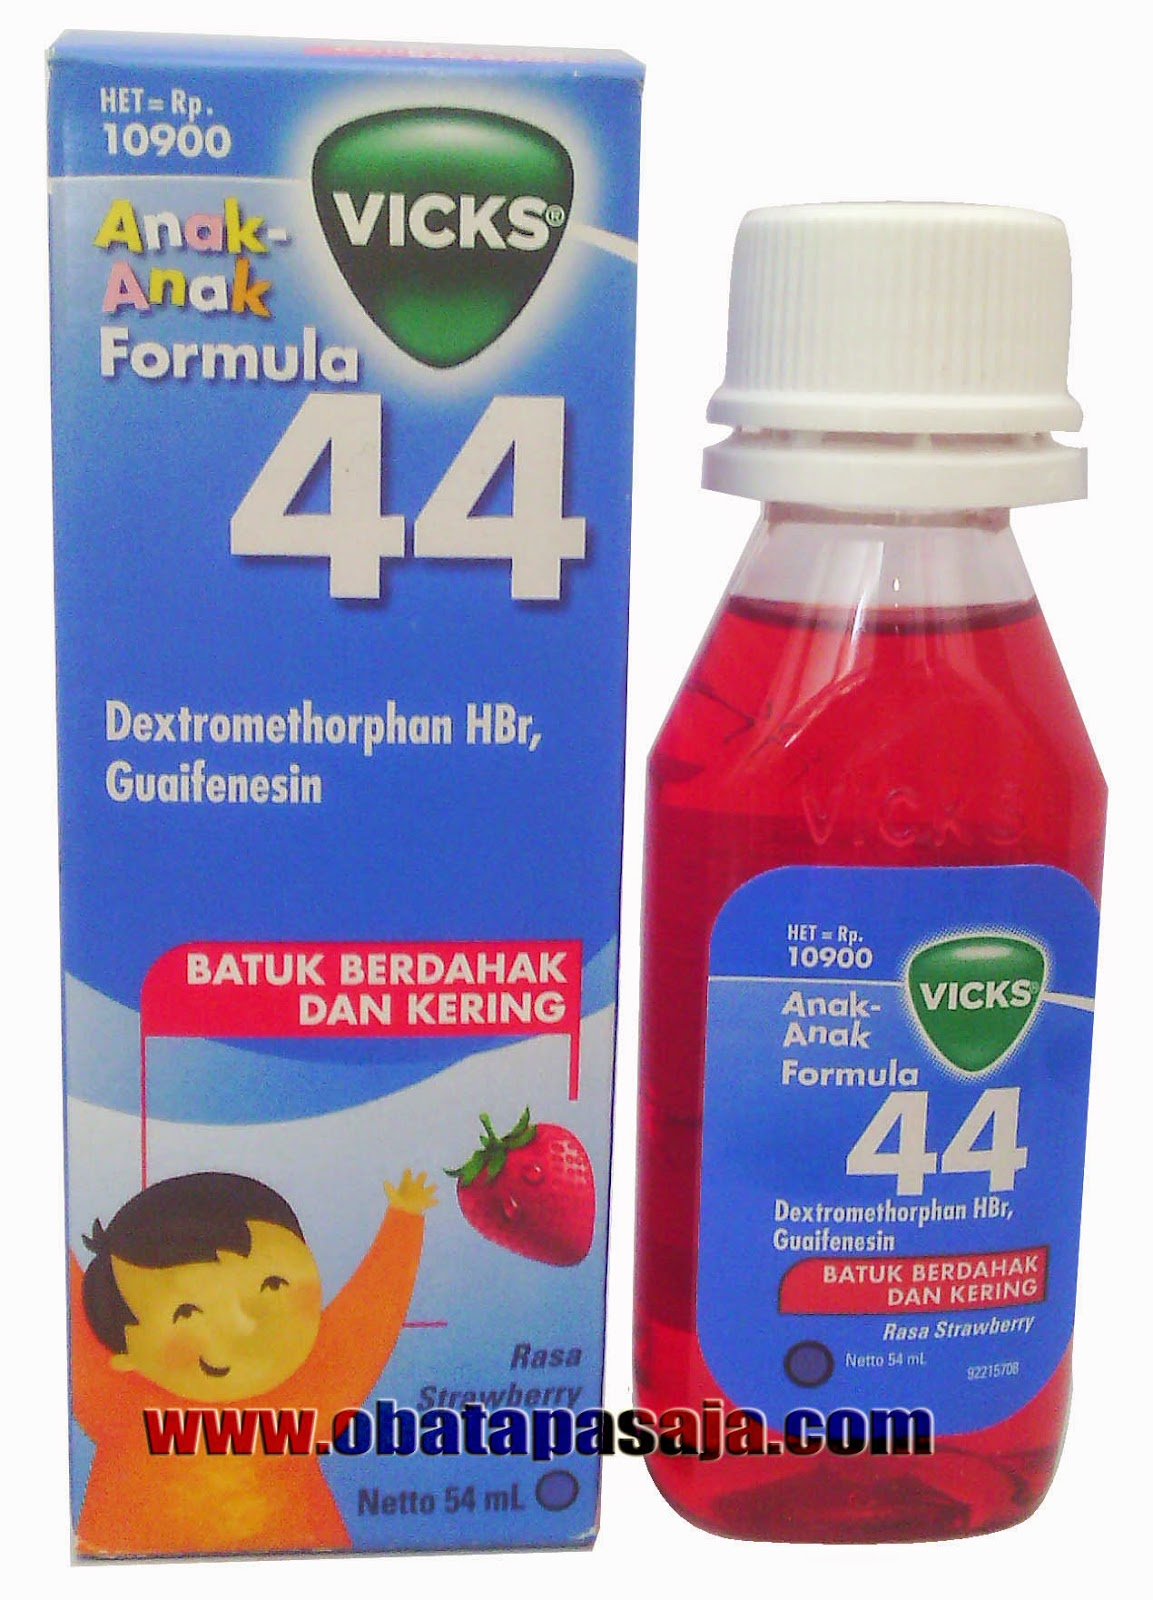 Dosis dan Komposisi Vicks Formula 44  Anak-Anak